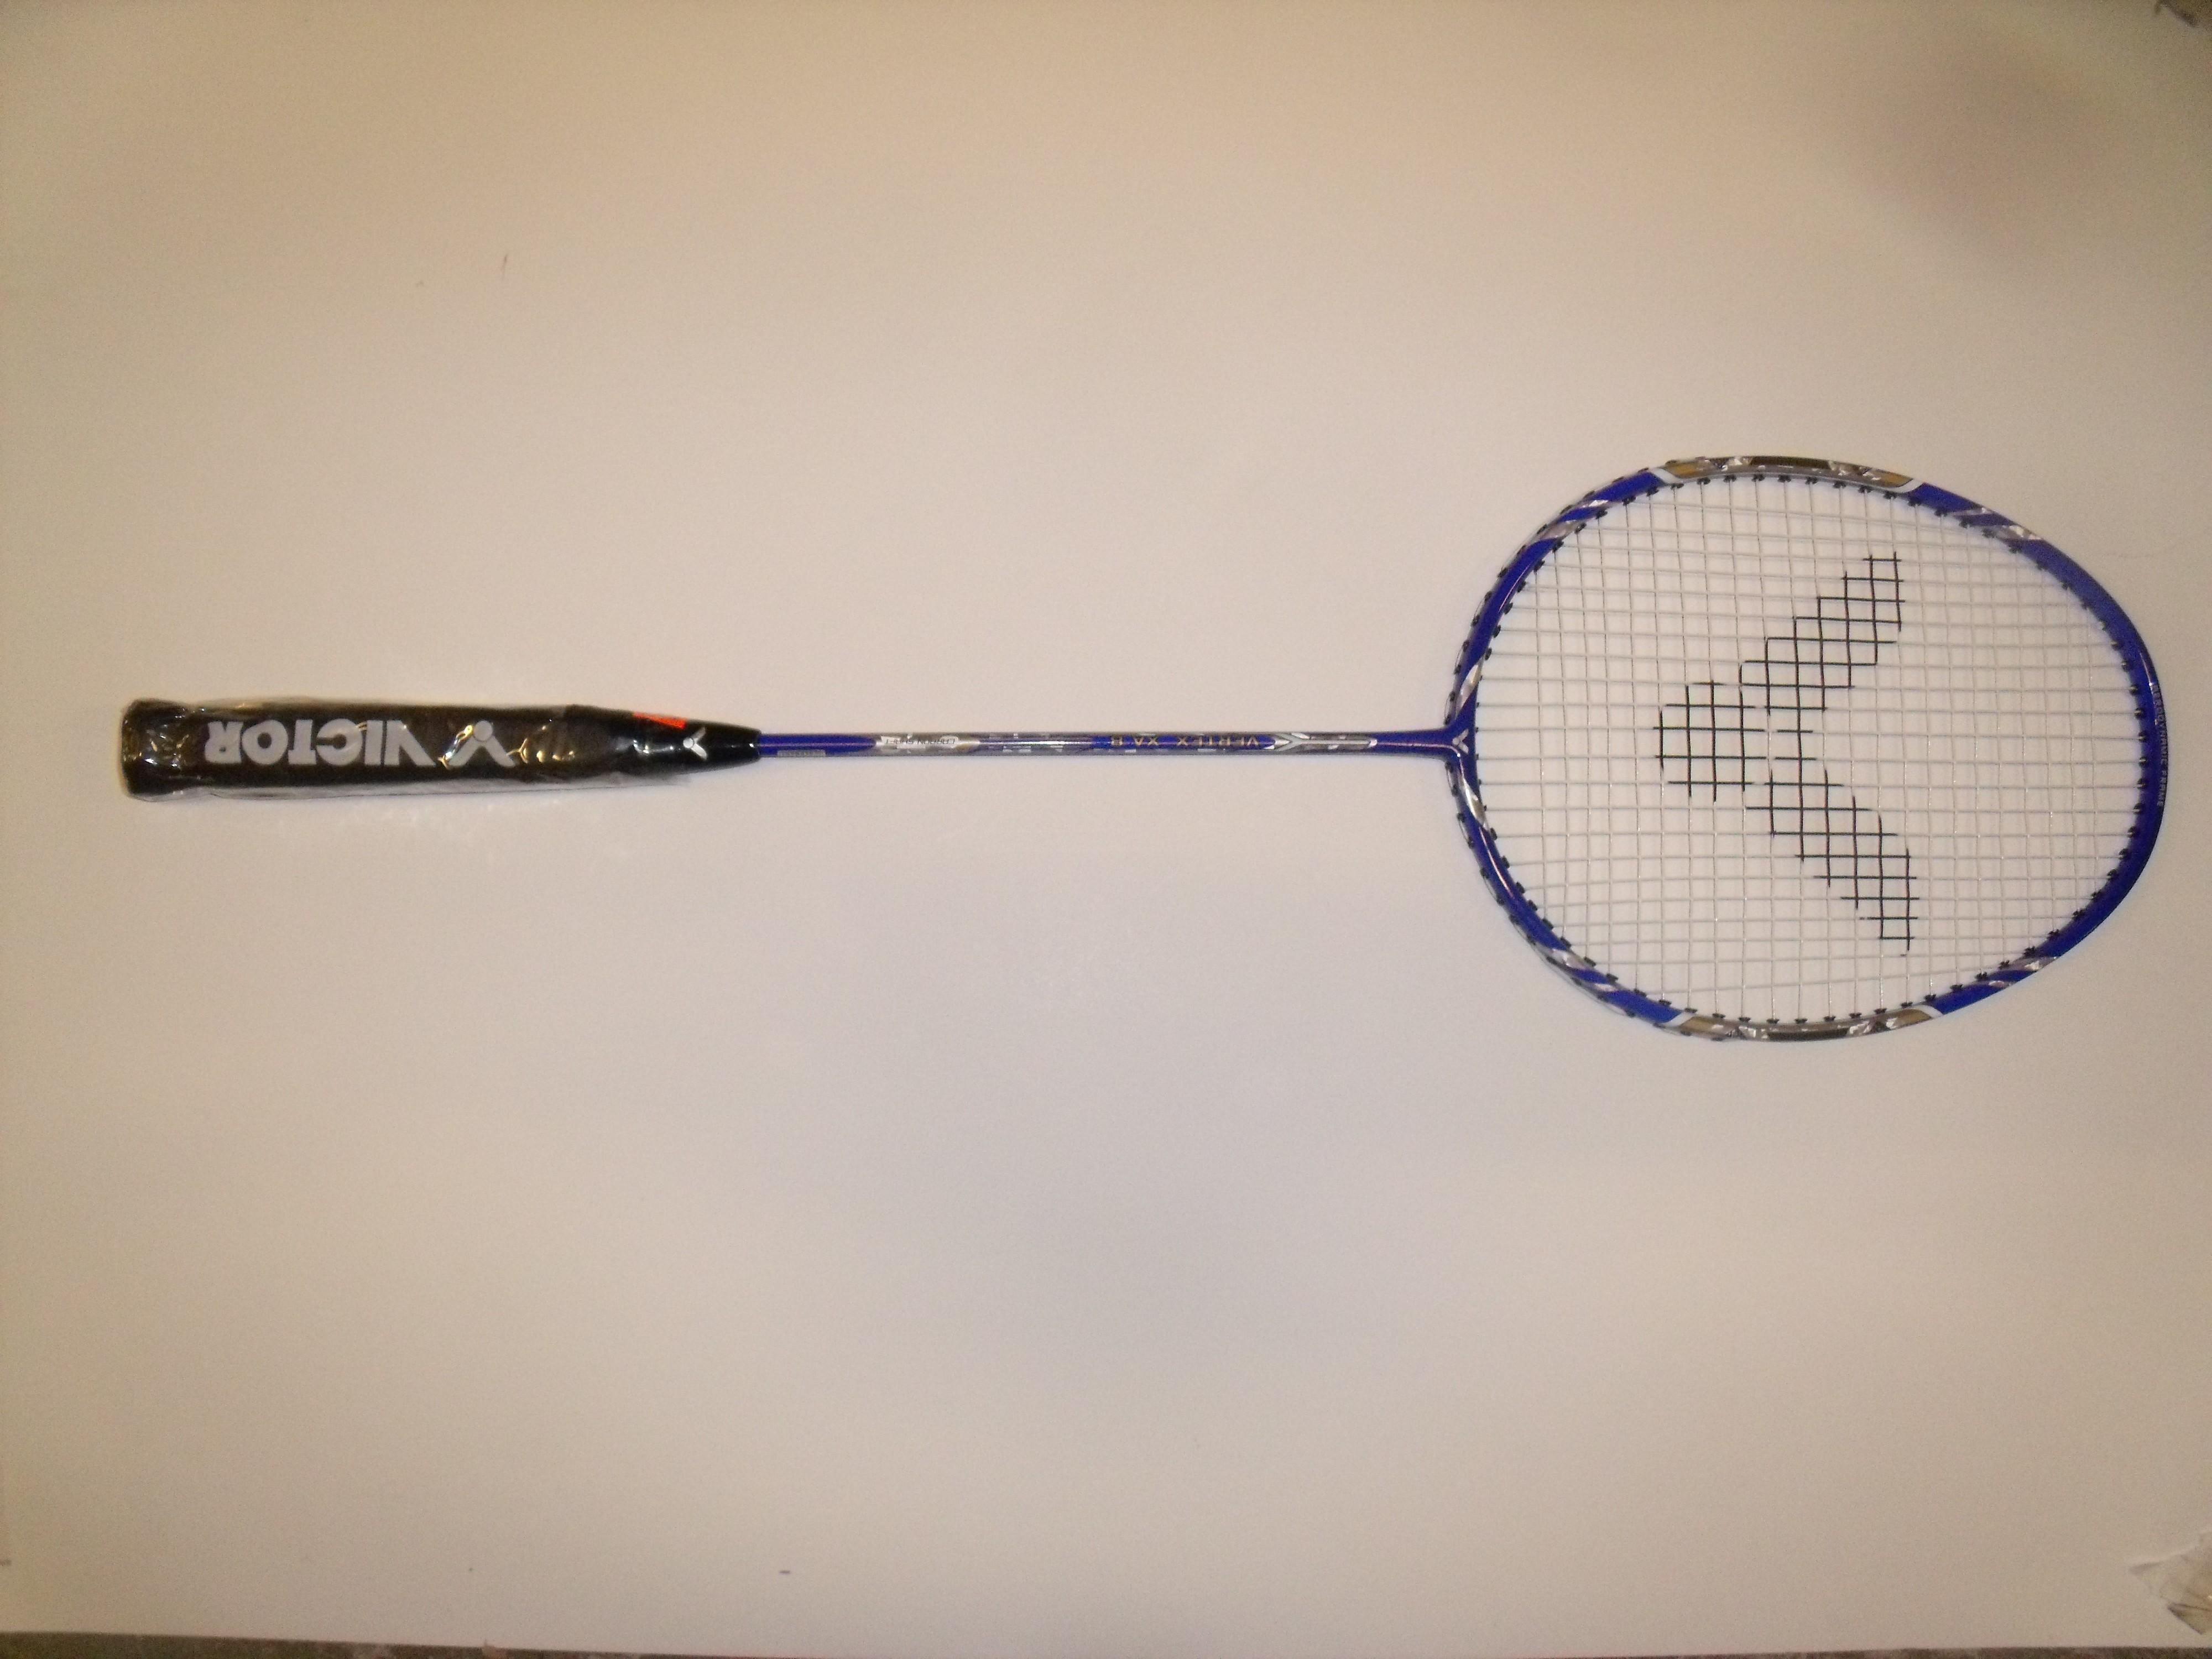 VICTOR badmintonracket (149)